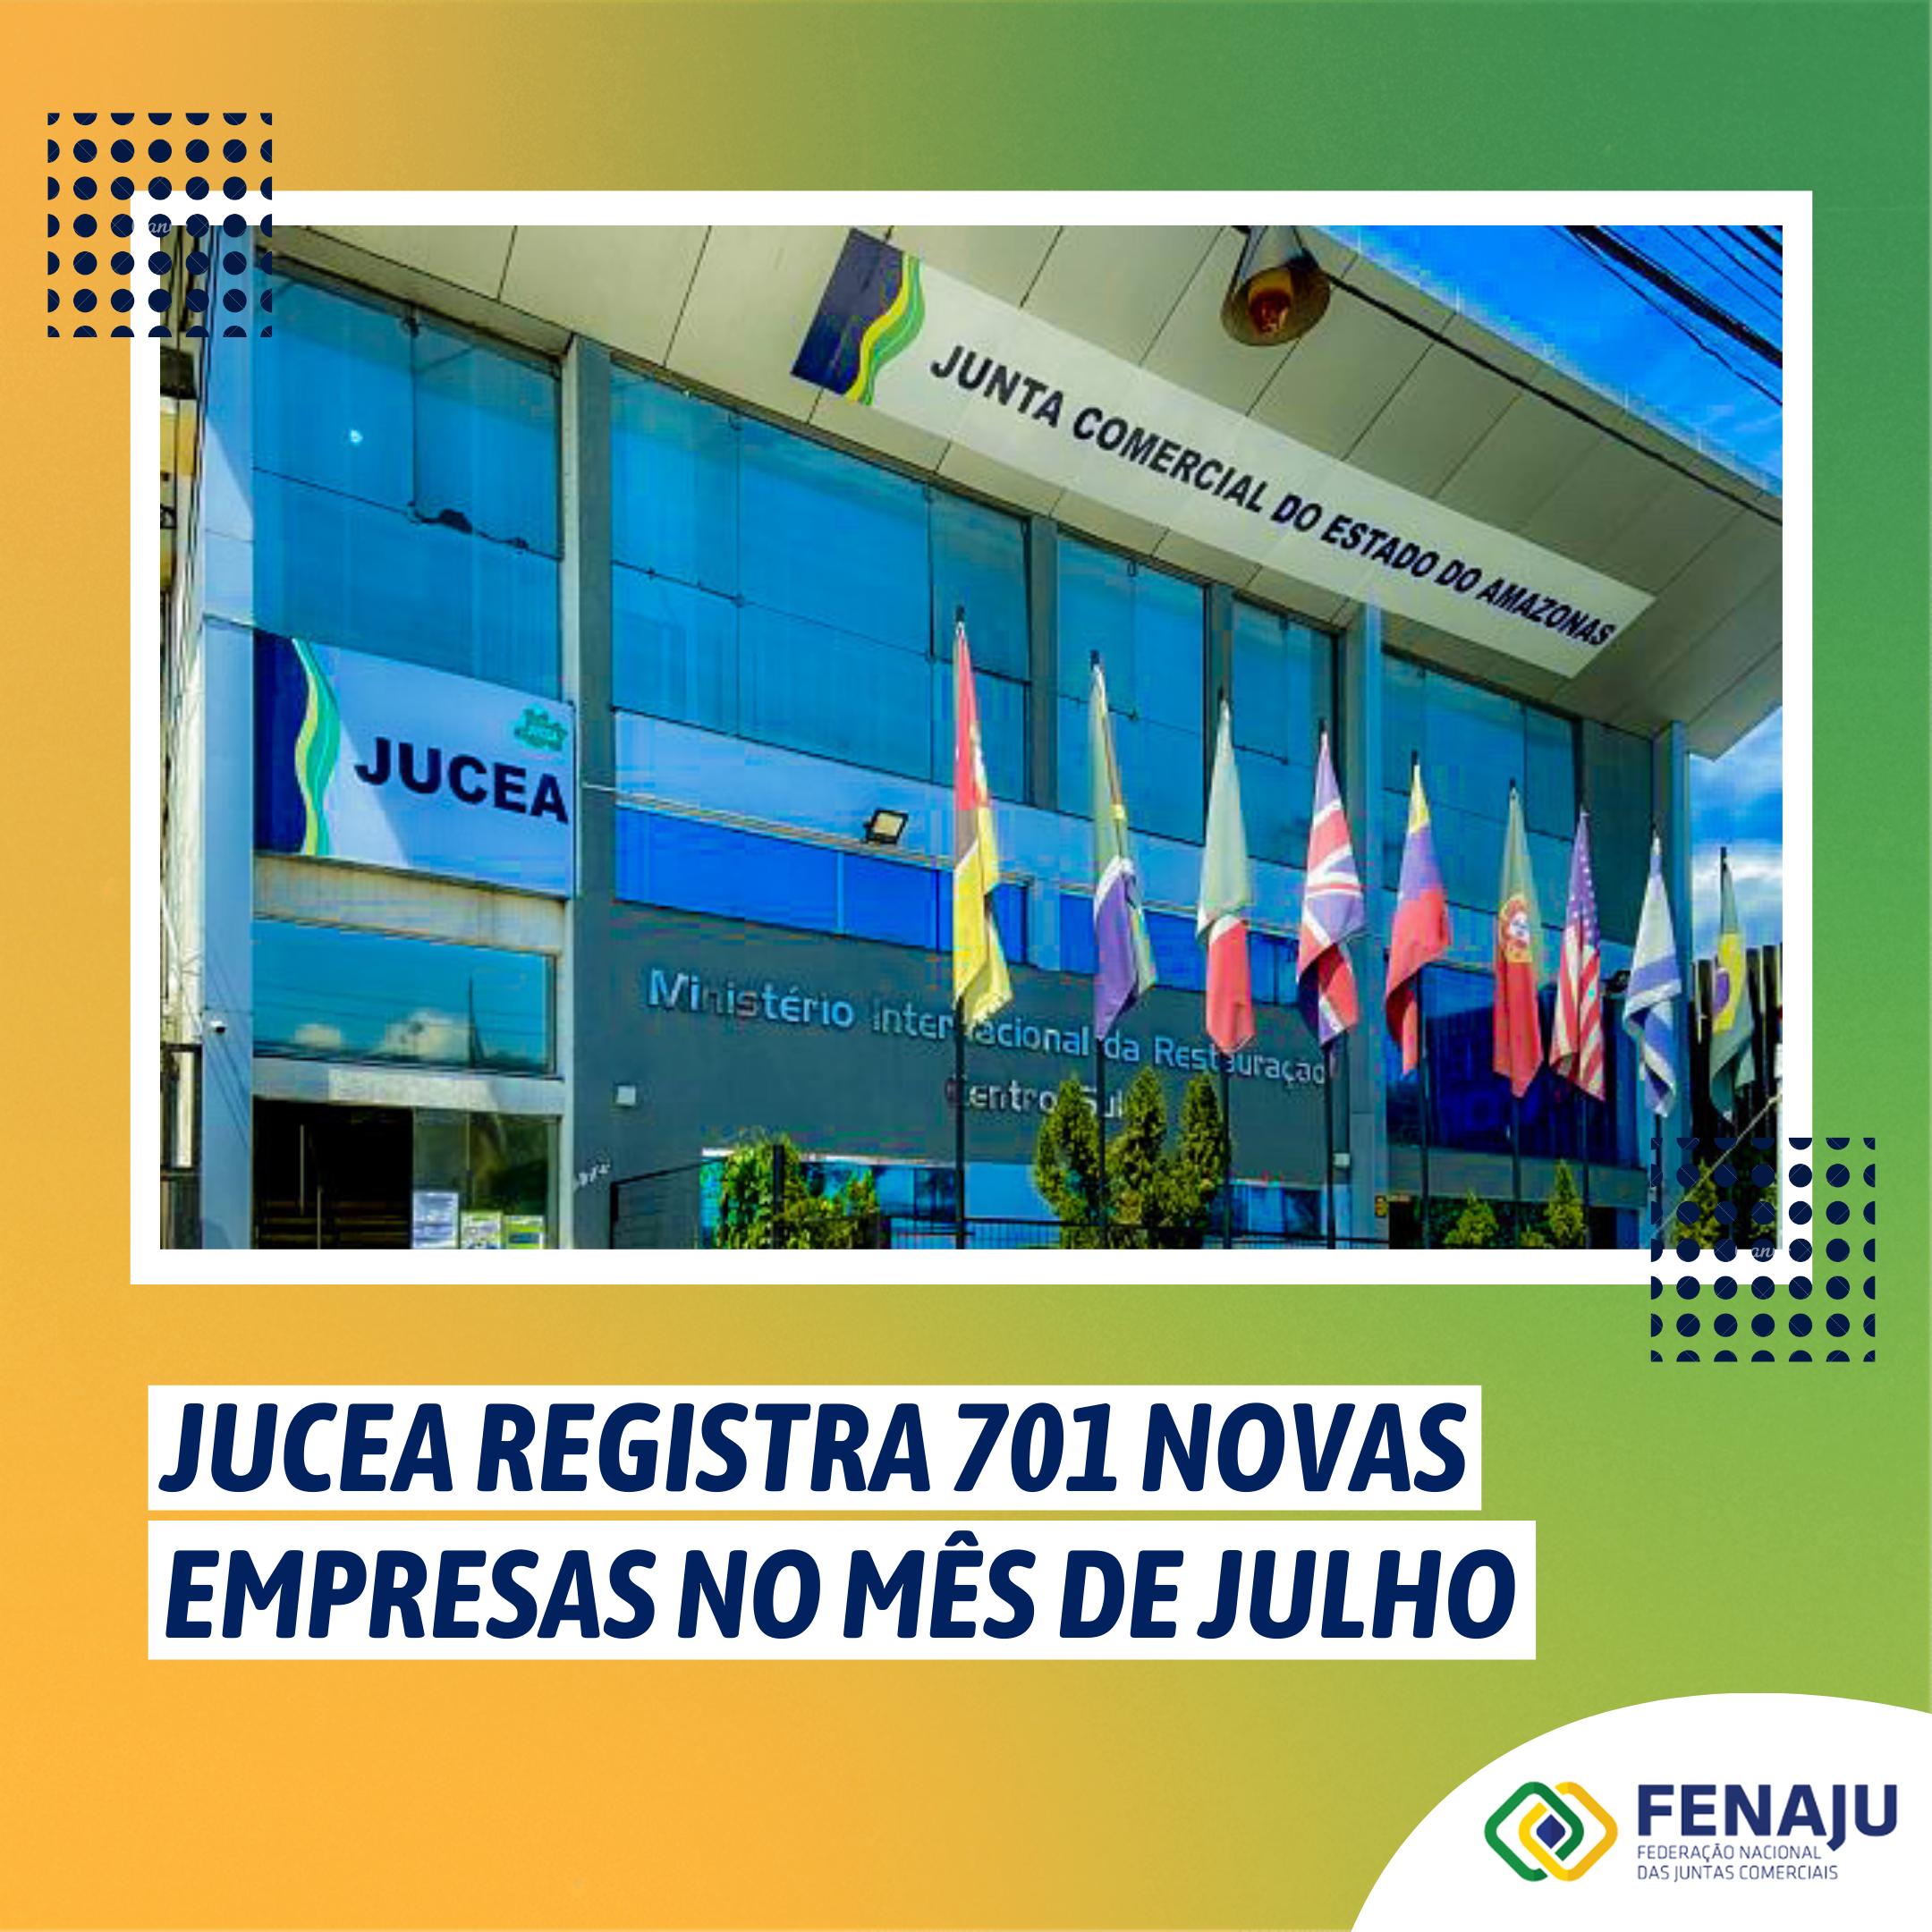 JUCEA registra 701 novas empresas no mês de julho